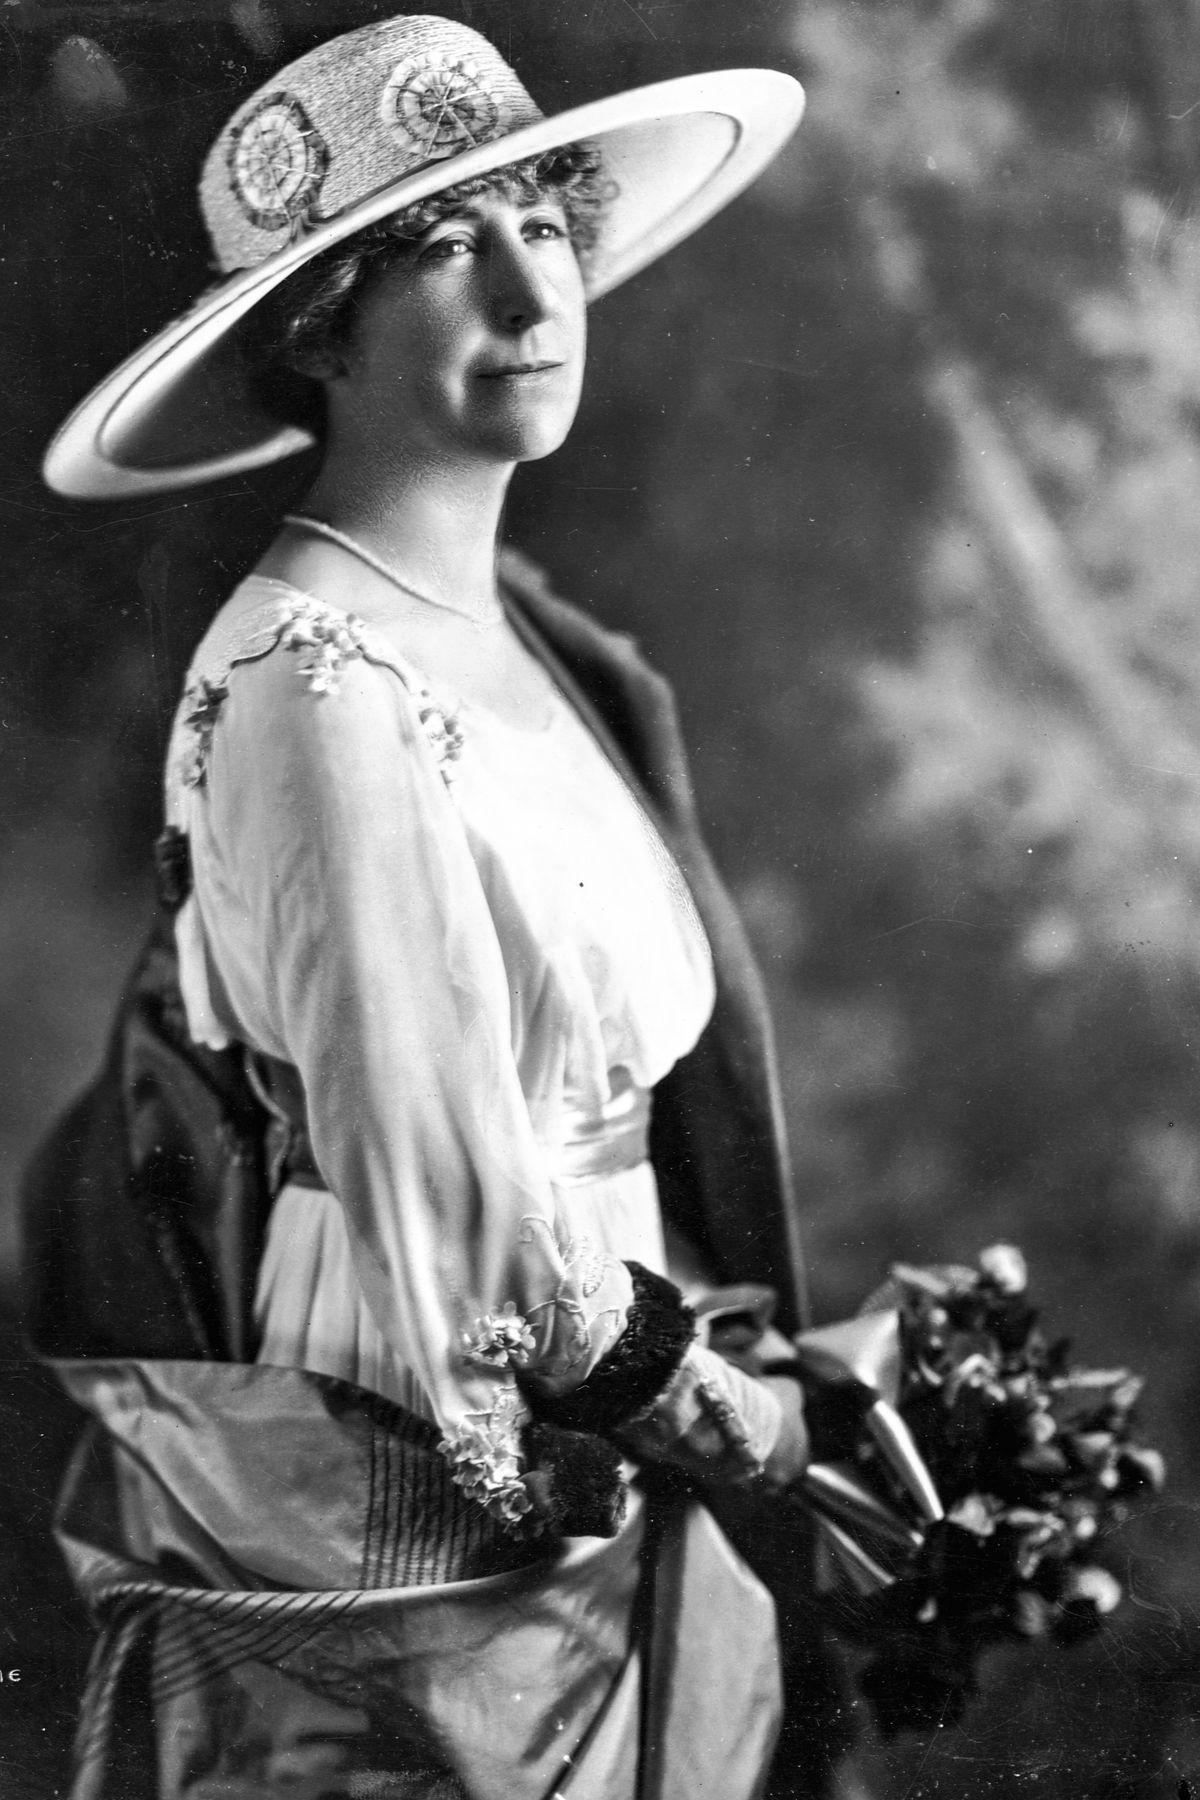 Rep. Jeannette Rankin, circa 1917